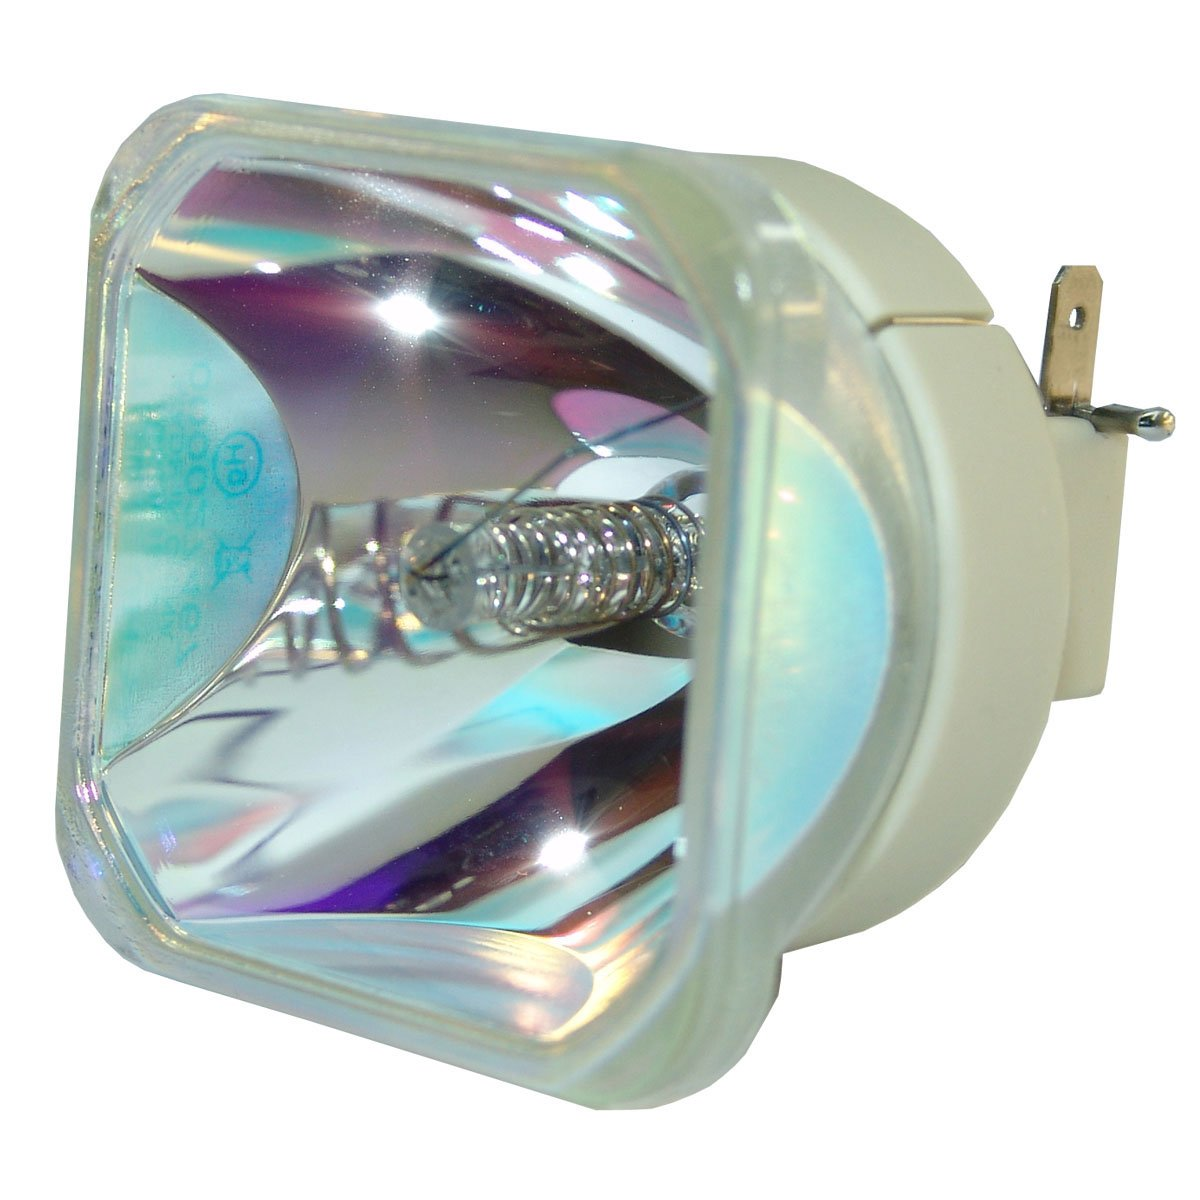 パナソニックPT-VX400用オリジナルフィリップスプロジェクター交換用ランプ Platinum (Brighter/Durable) Platinum (Brighter/Durable) Lamp Only B07L29XRTL